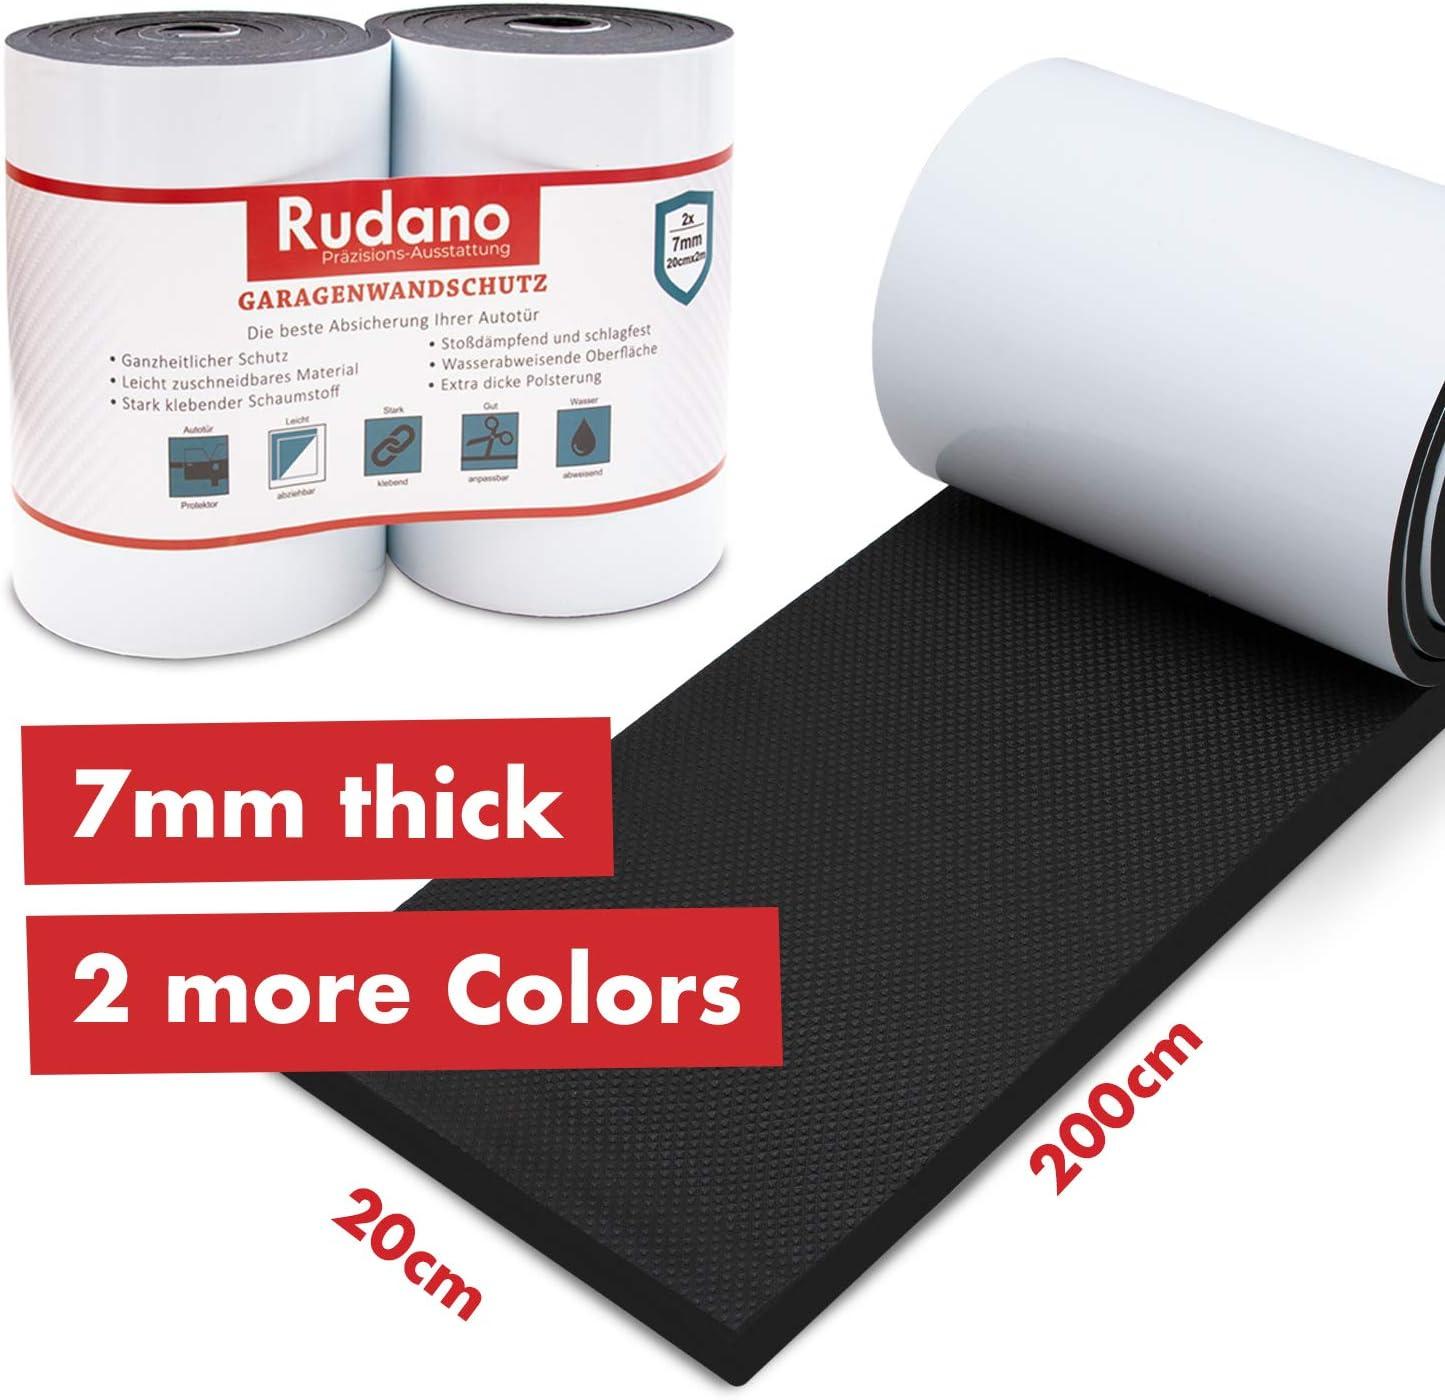 Protección de pared Rudano - Espuma autoadhesiva para garajes Protección de la pared - La protección de la puerta protege su coche de arañazos, abolladuras y rasguños